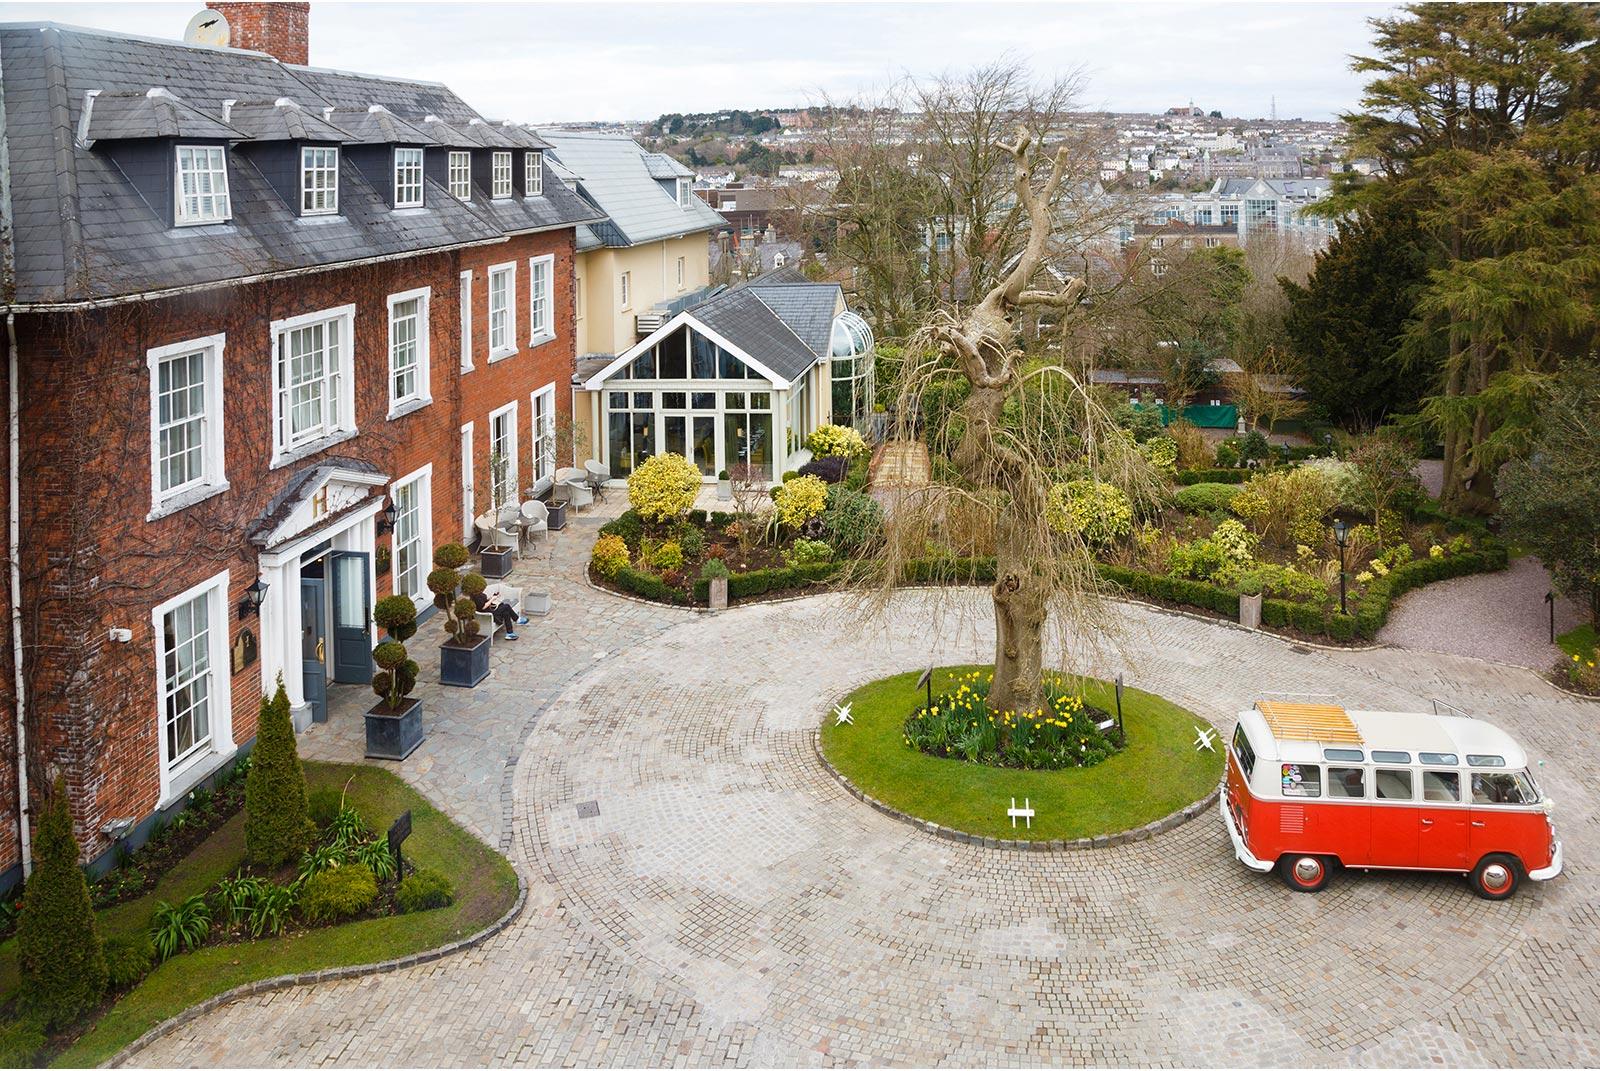 Red VW camper van wedding car at Hayfield Manor